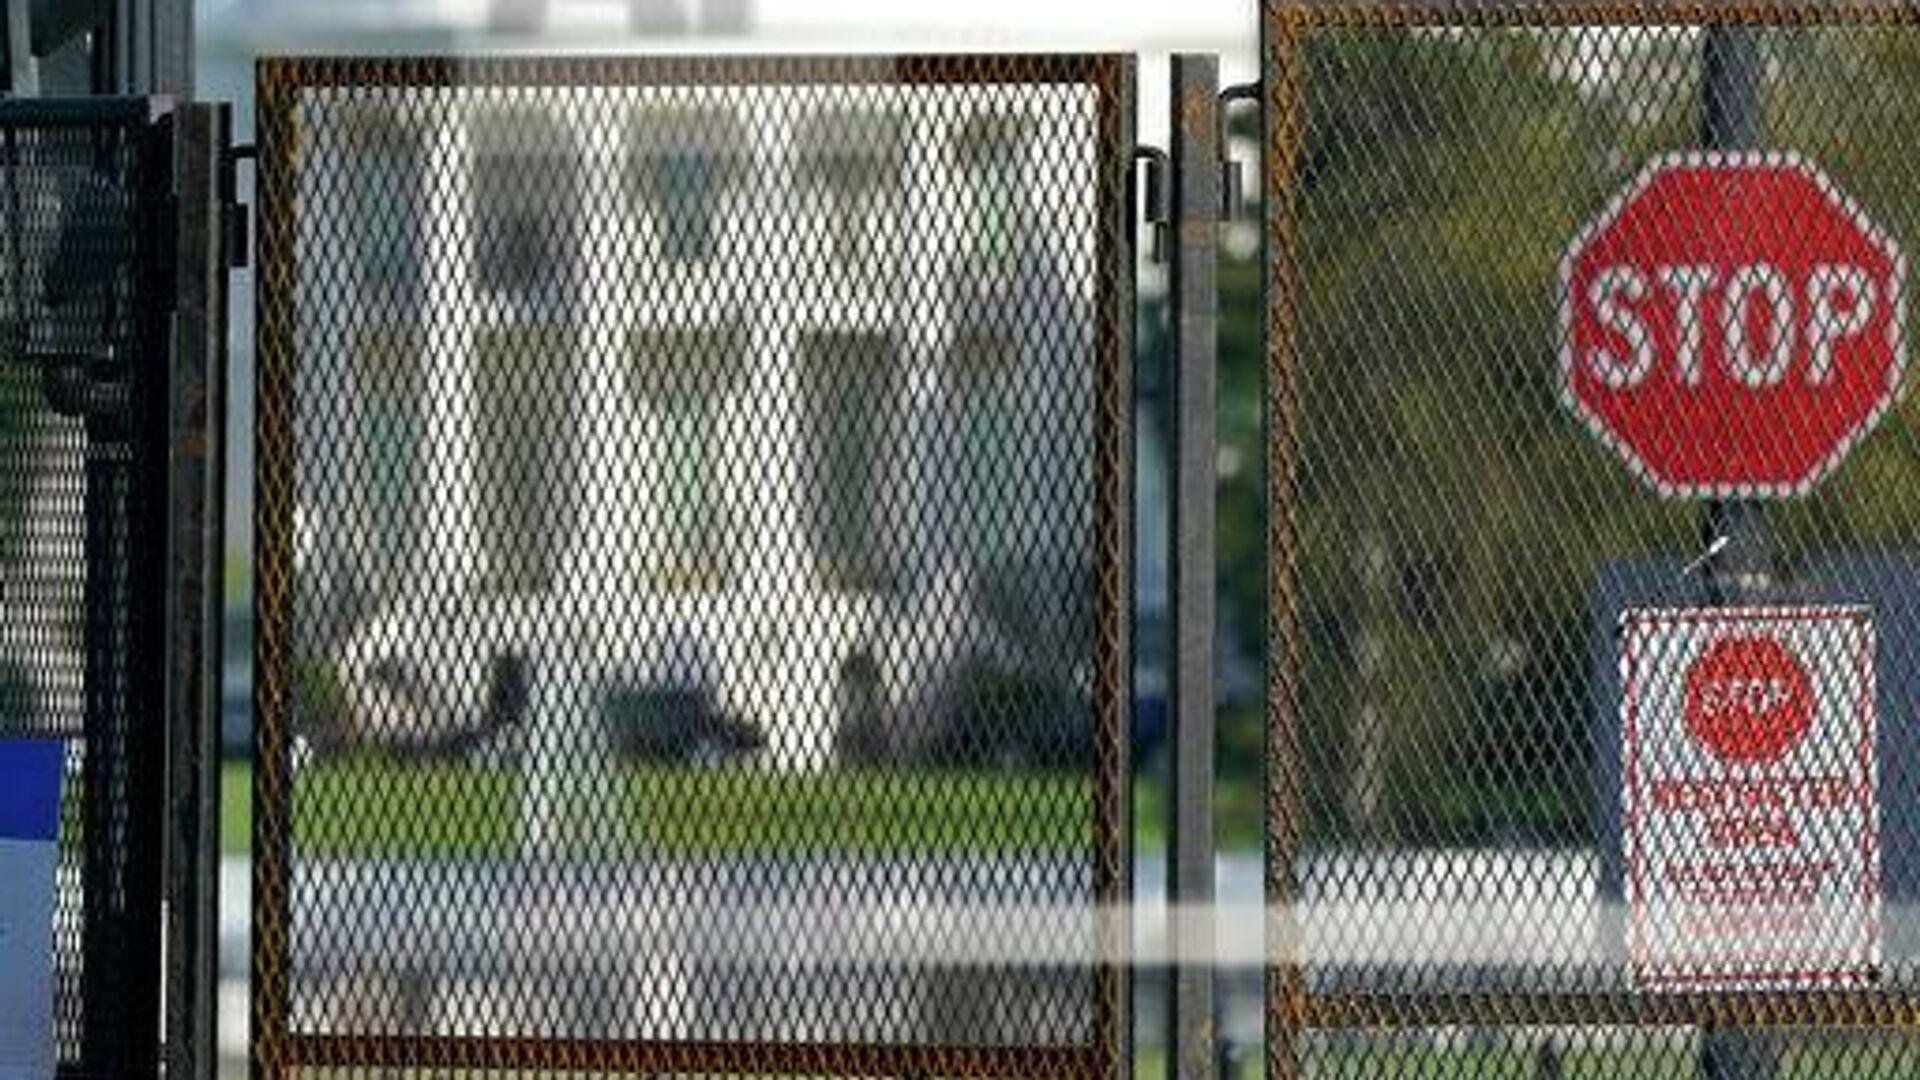 Вокруг Белого дома по запросу Секретной службы США в связи с уникальными требованиями к безопасности вокруг предстоящих президентских выборов и в связи с необходимостью быстро разрешить потенциально возможные столкновения возвели двухметровый забор - РИА Новости, 1920, 04.05.2021